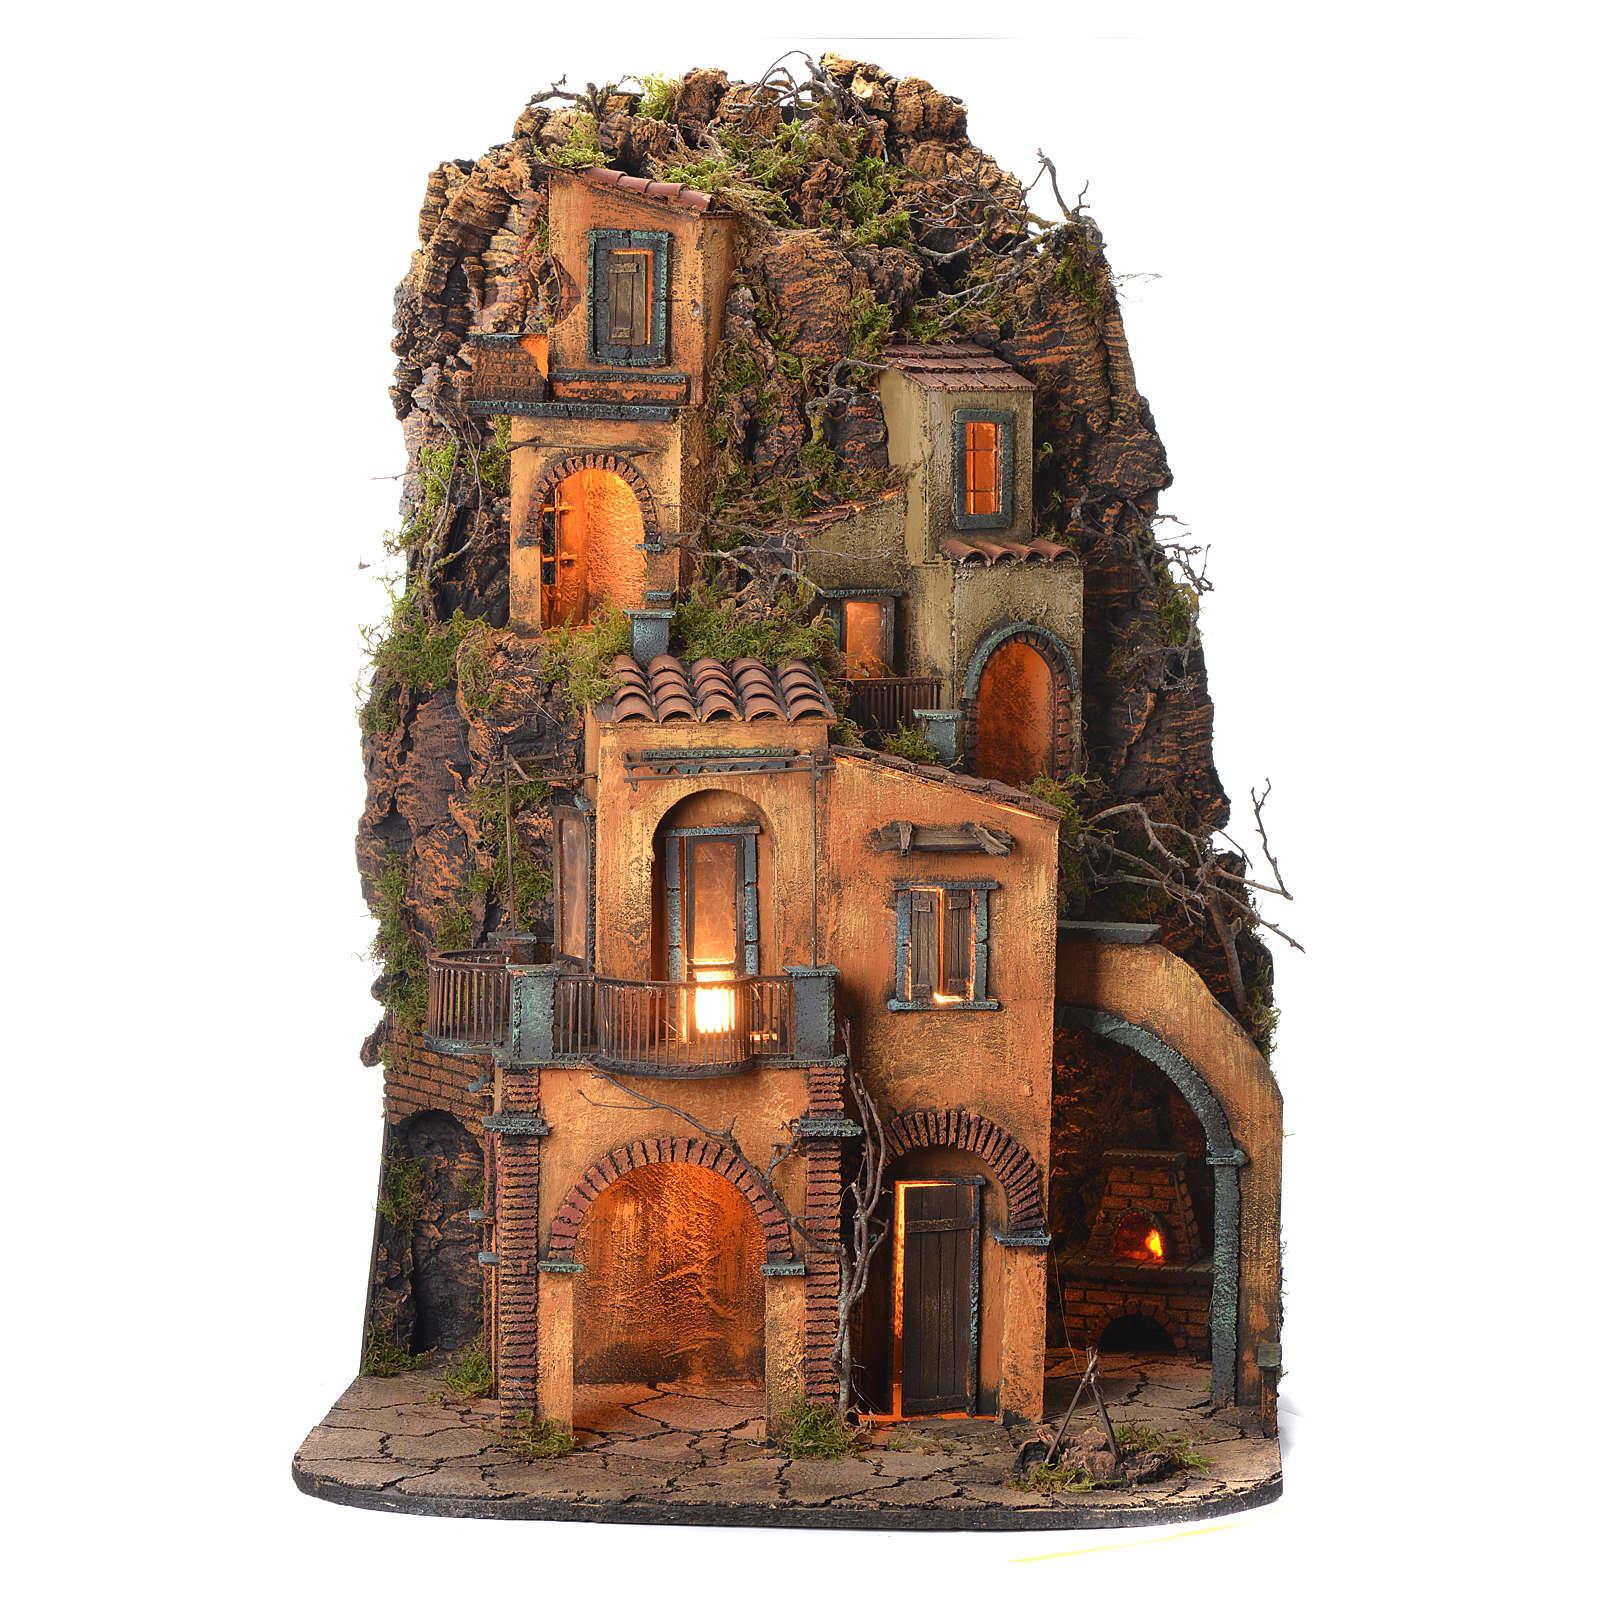 Borgo presepe napoletano stile 700 arroccato 85x60x64 4